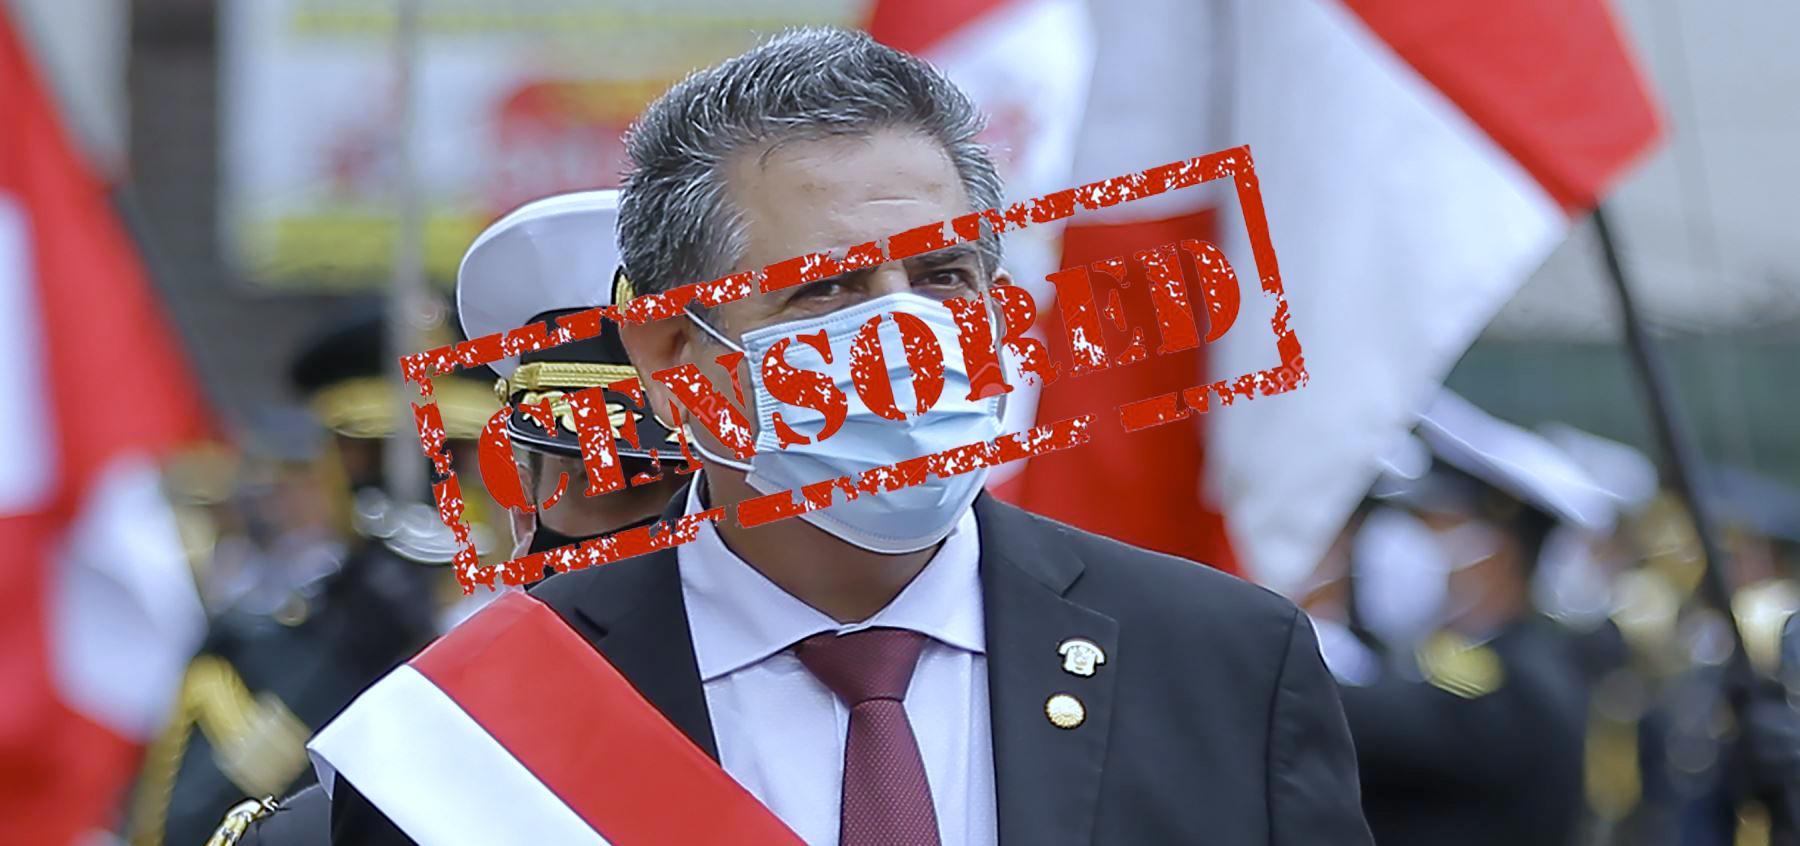 El colmo: Ex presidente Merino recibiría pensión vitalicia según la ley